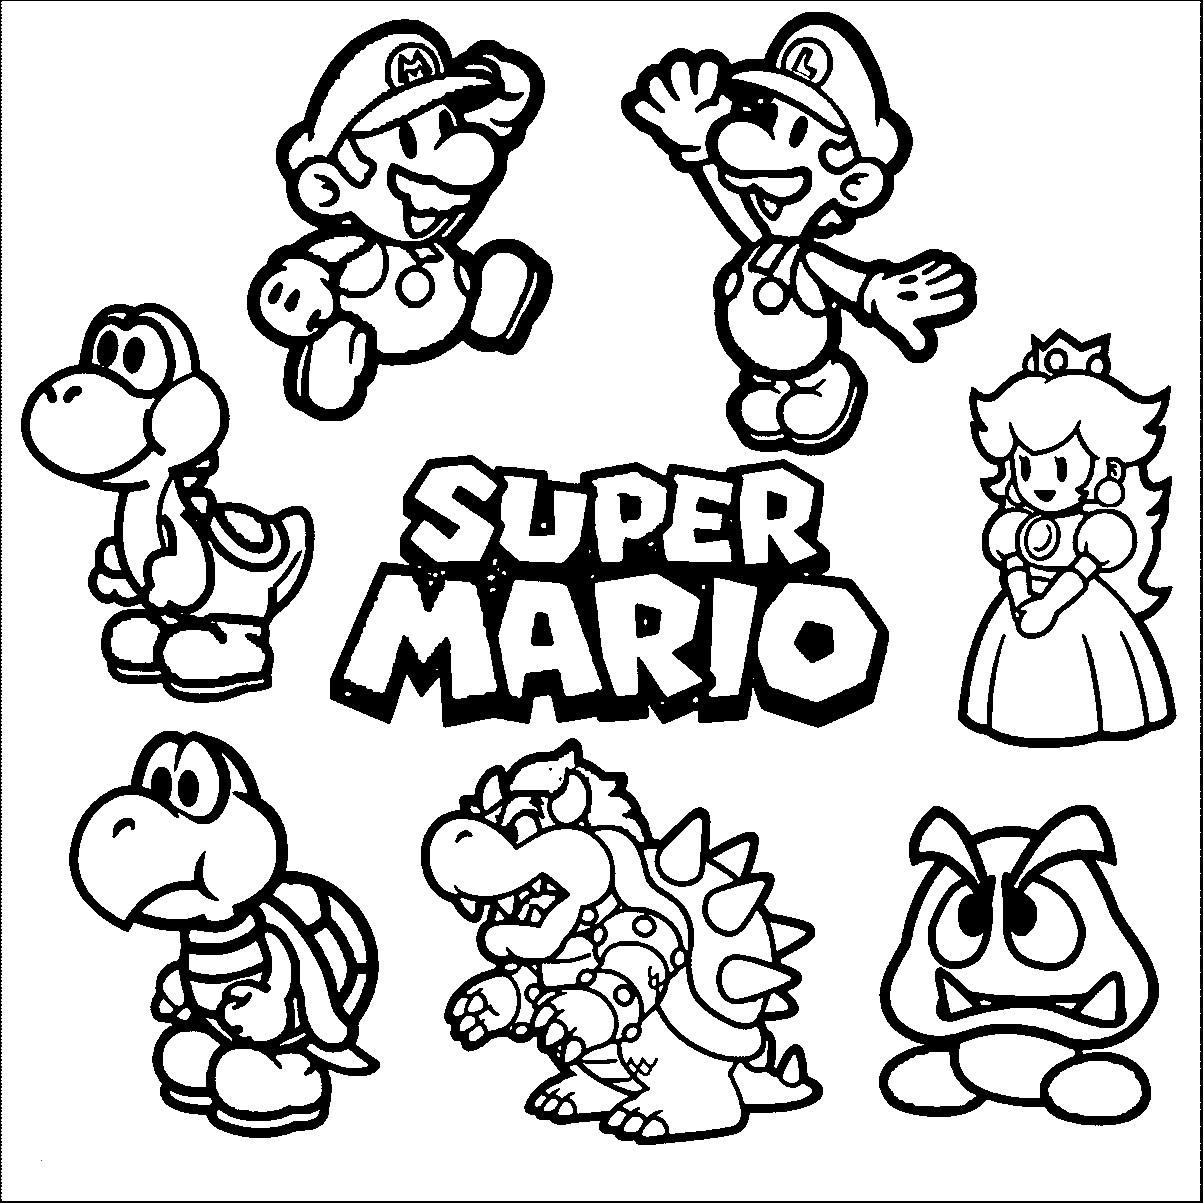 Ausmalbild Super Mario Inspirierend Super Mario Malvorlagen Schön 40 Malvorlagen Baum Scoredatscore Fotos